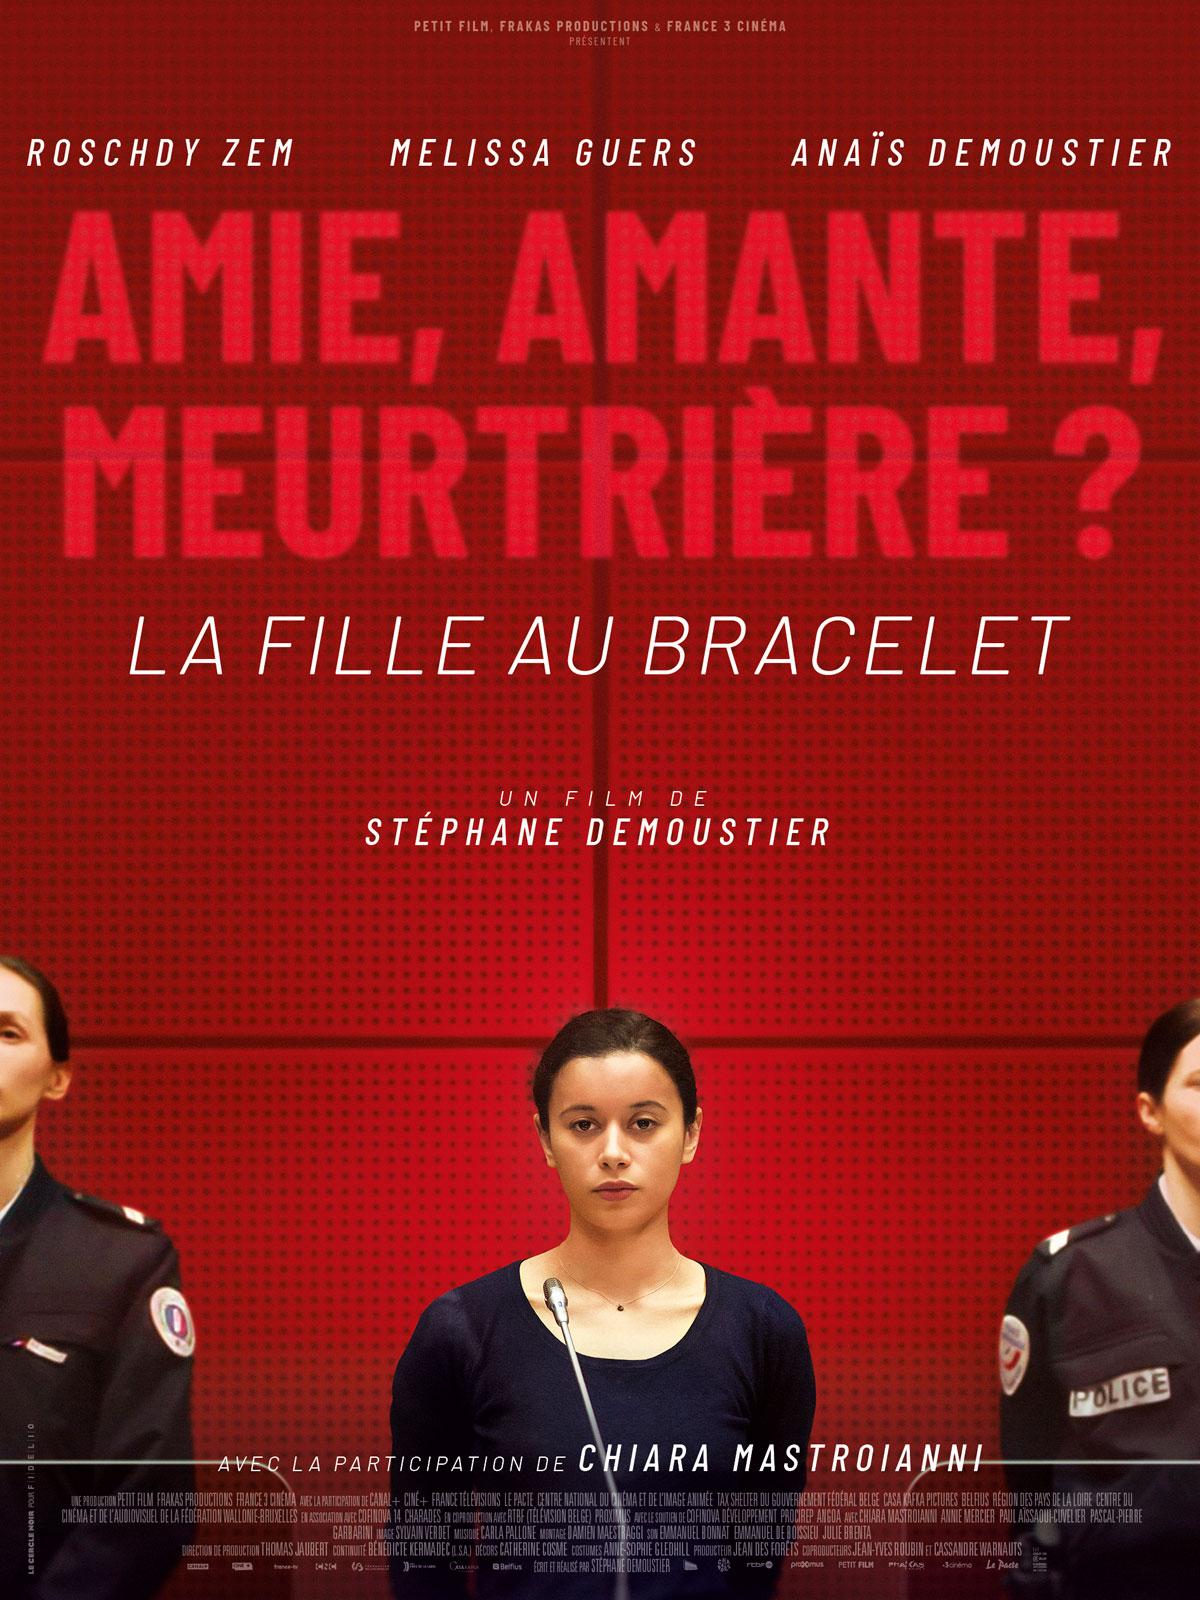 La Fille au bracelet - film 2019 - AlloCiné